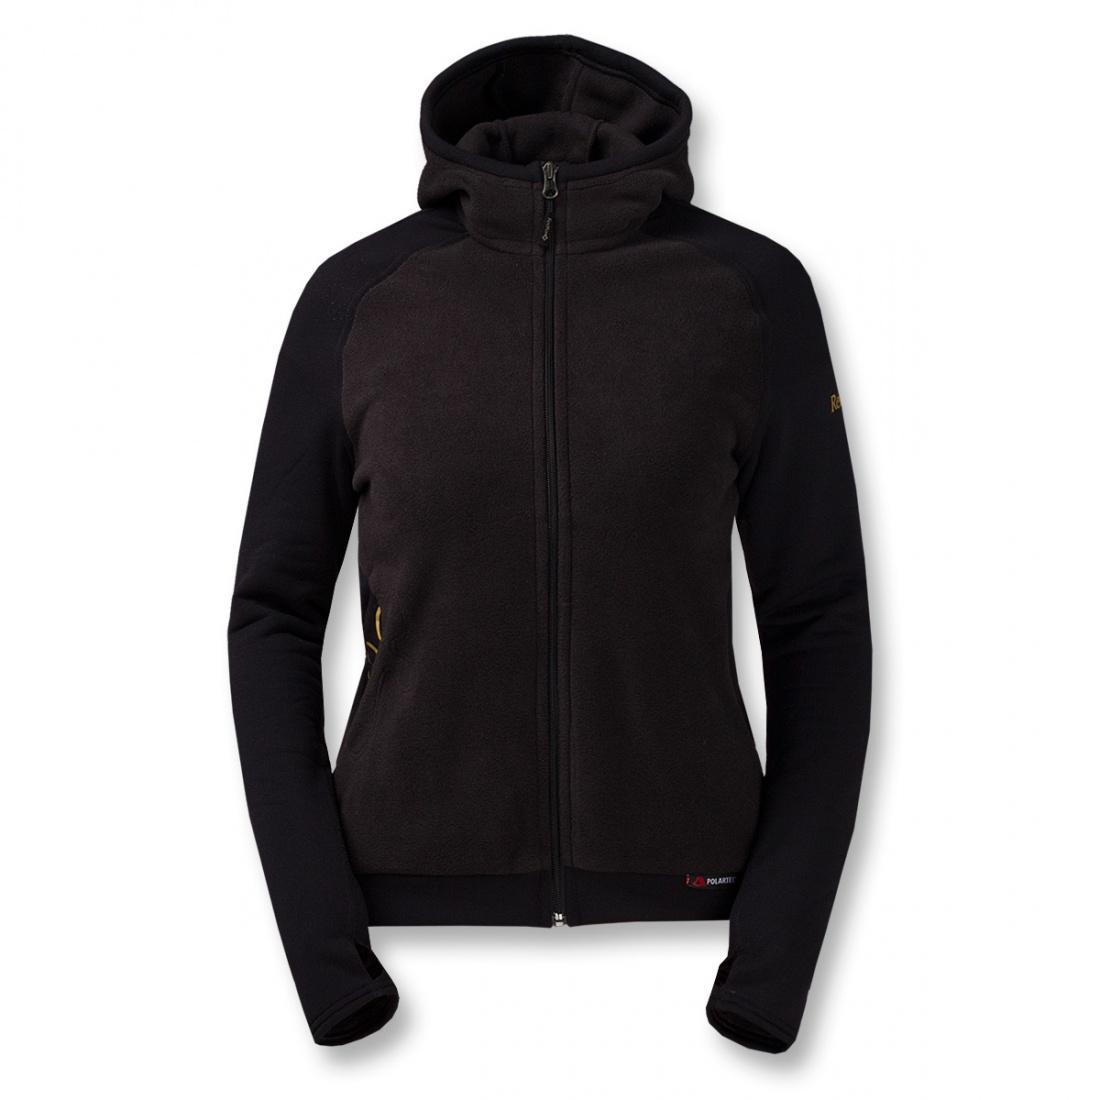 Куртка Dream ЖенскаяКуртки<br><br> Городская теплая куртка, выполненная из комбинации материалов Polartec® 200 и Polartec® Power Stretch® Pro™. Можно использовать в качестве наружной кур...<br><br>Цвет: Черный<br>Размер: 42